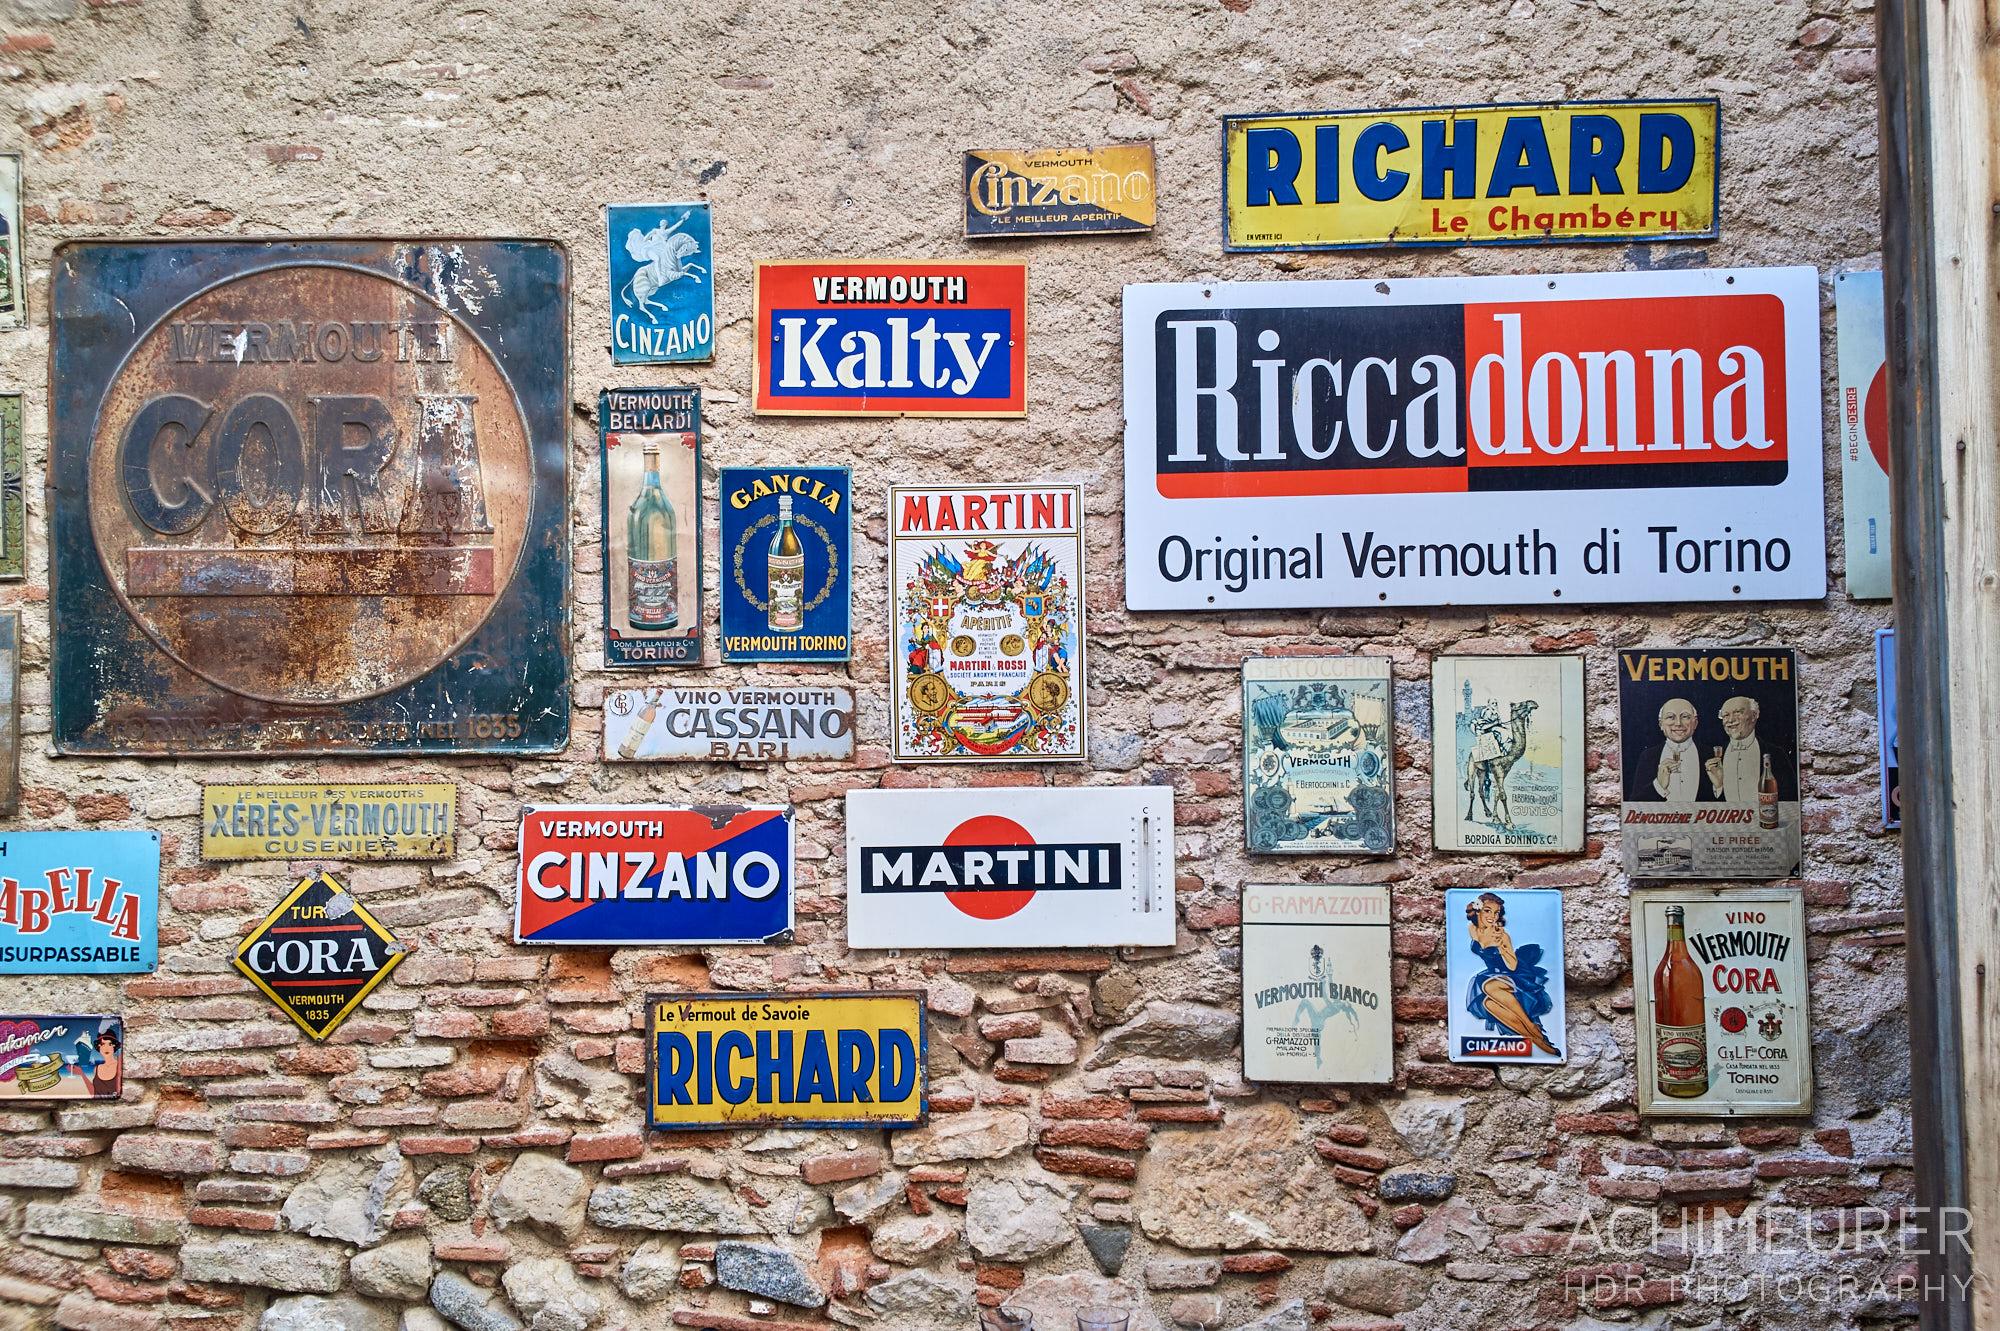 Vermuth-Museum, Reus, Katalonien, Spanien by Achim Meurer.